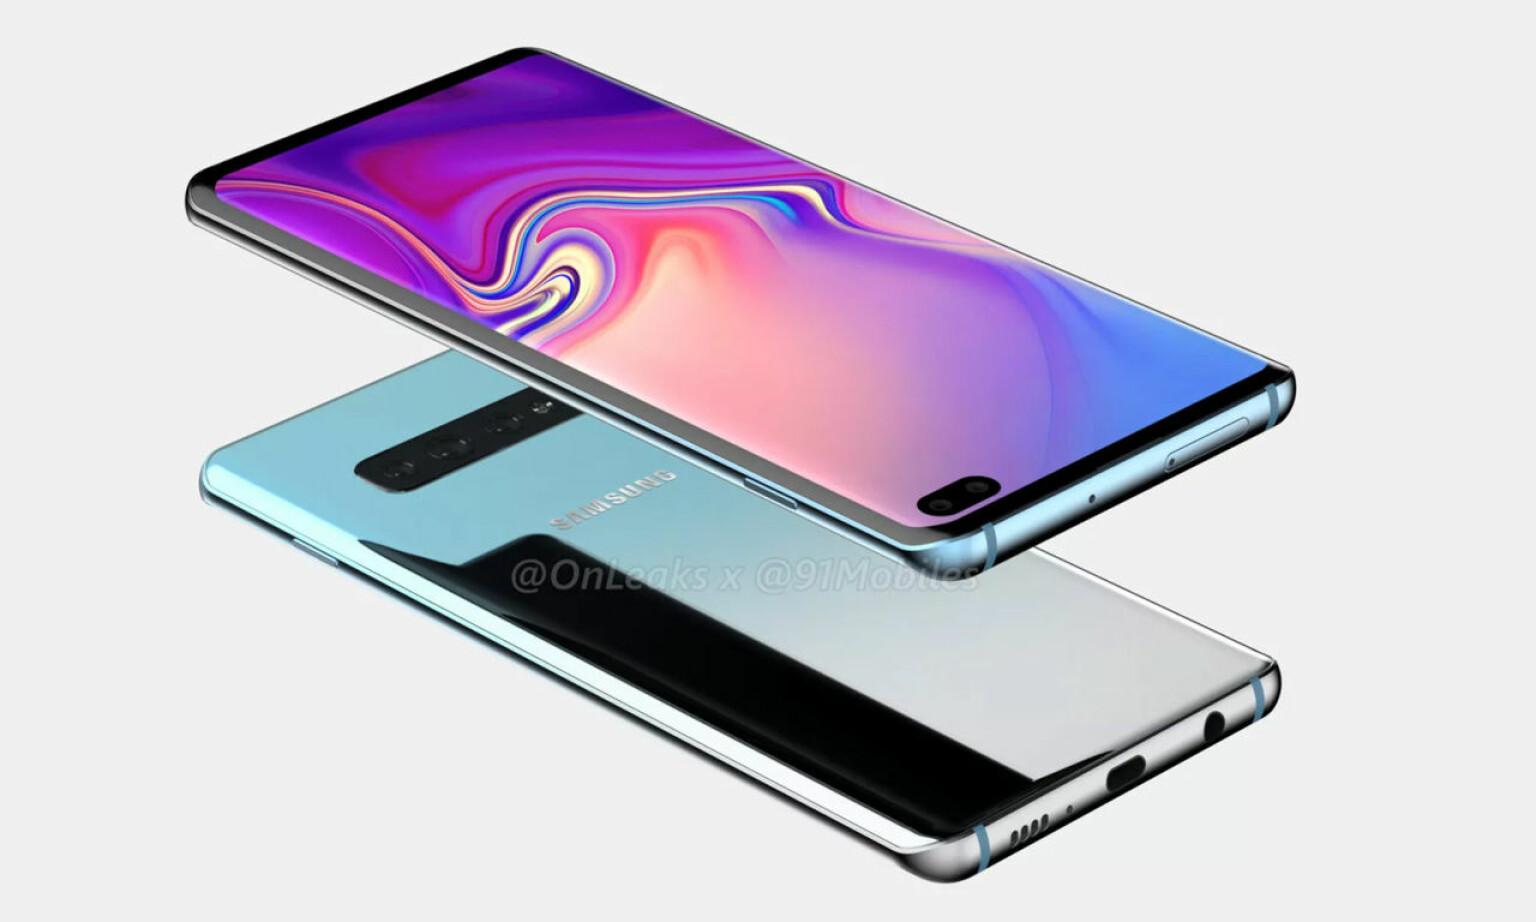 HODETELEFON-UTGANG: Og så ser det fremdeles ut til at Samsung beholder hodetelefon-utgangen på sin toppmodell. Foto: OnLeaks/91 Mobiles